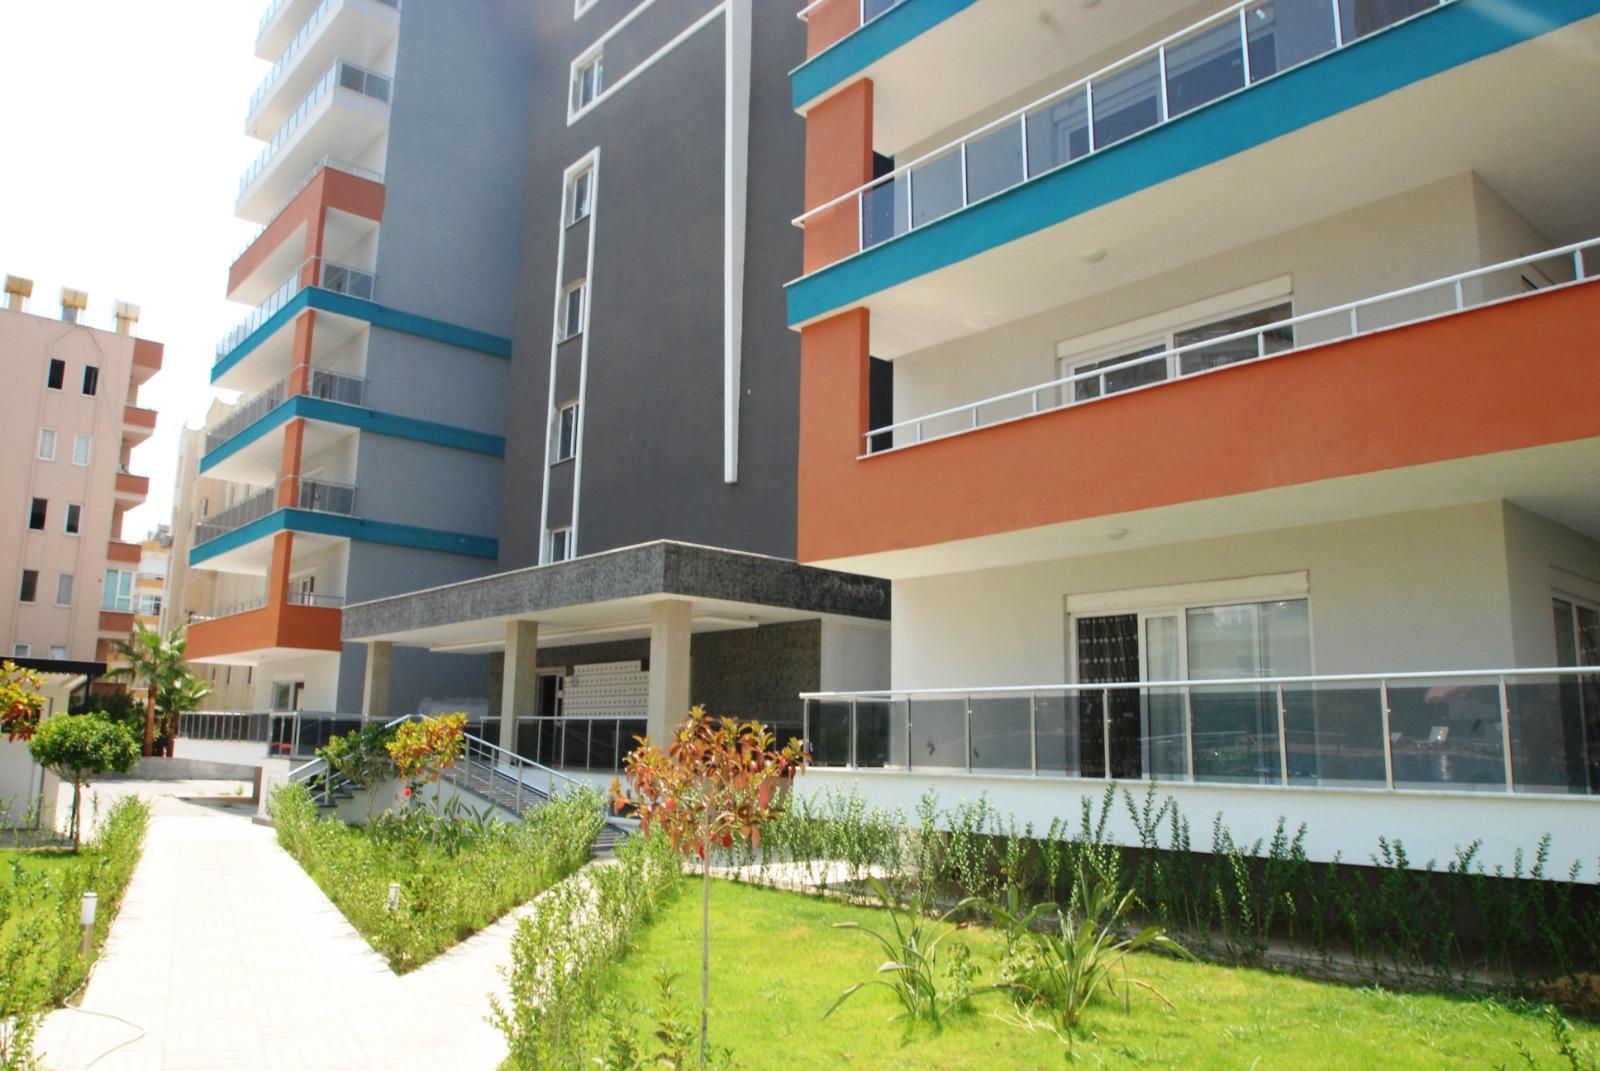 апартаменты 1+1 в ЖК Tezel, стоимостью 45.000 евро